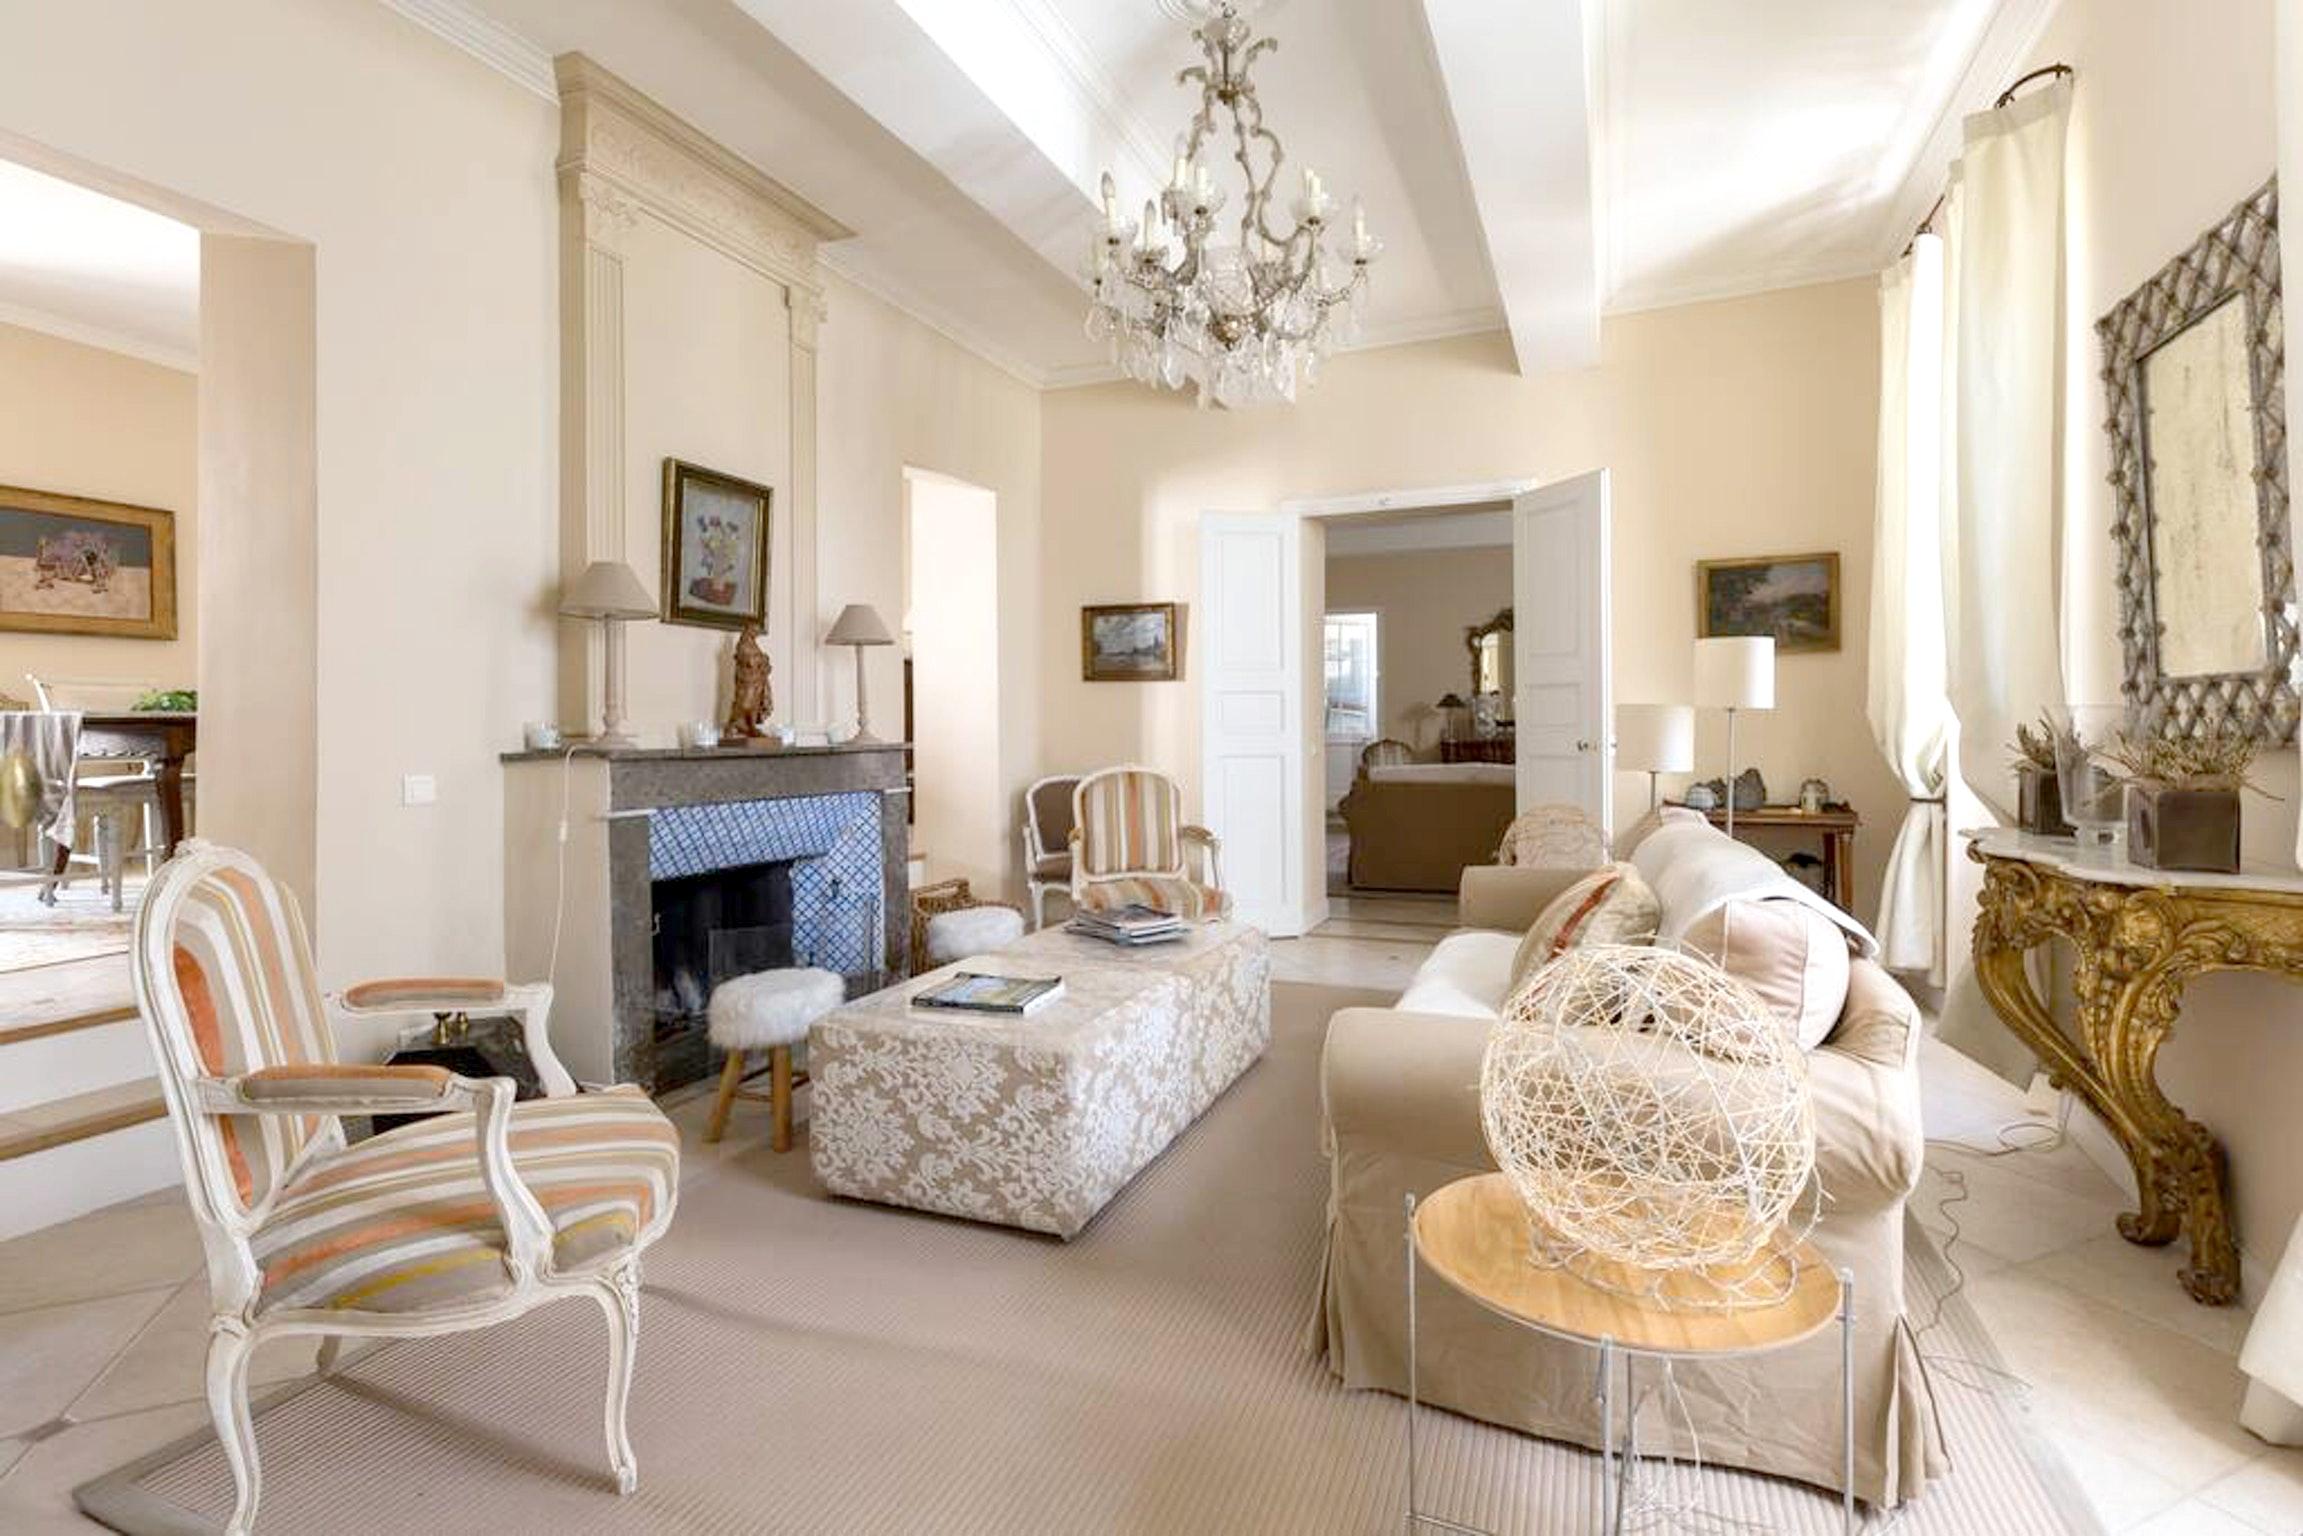 Maison de vacances Villa mit 6 Schlafzimmern in L'Isle-sur-la-Sorgue mit privatem Pool, möbliertem Garten und (2647203), L'Isle sur la Sorgue, Vaucluse, Provence - Alpes - Côte d'Azur, France, image 12